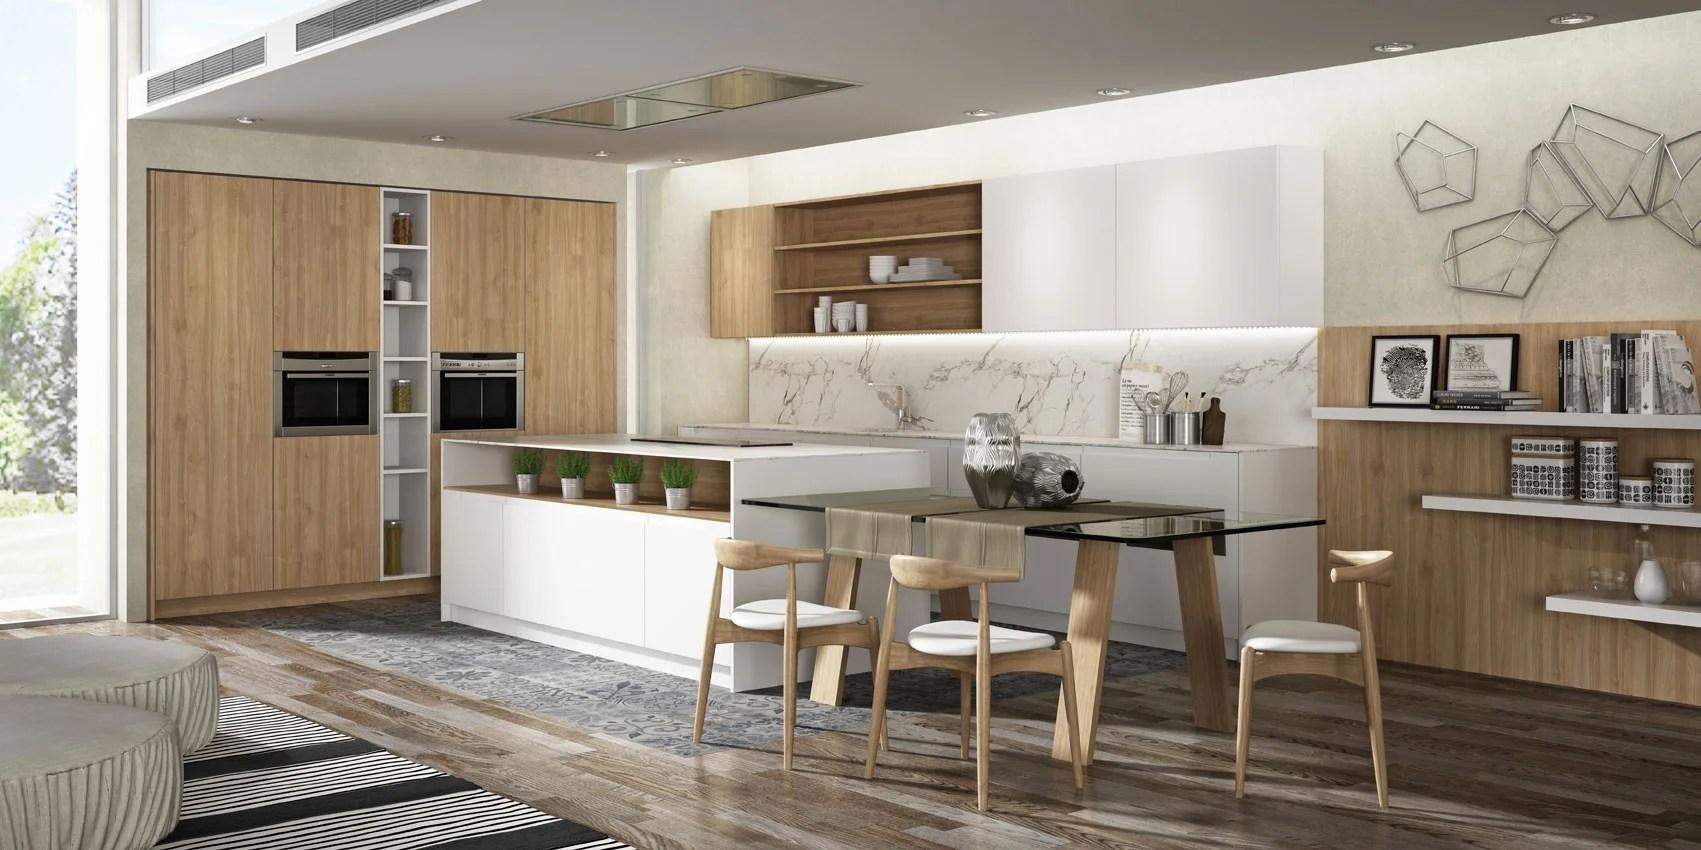 Cocina abierta  Diseo e instalacin de cocinas  Idecocina